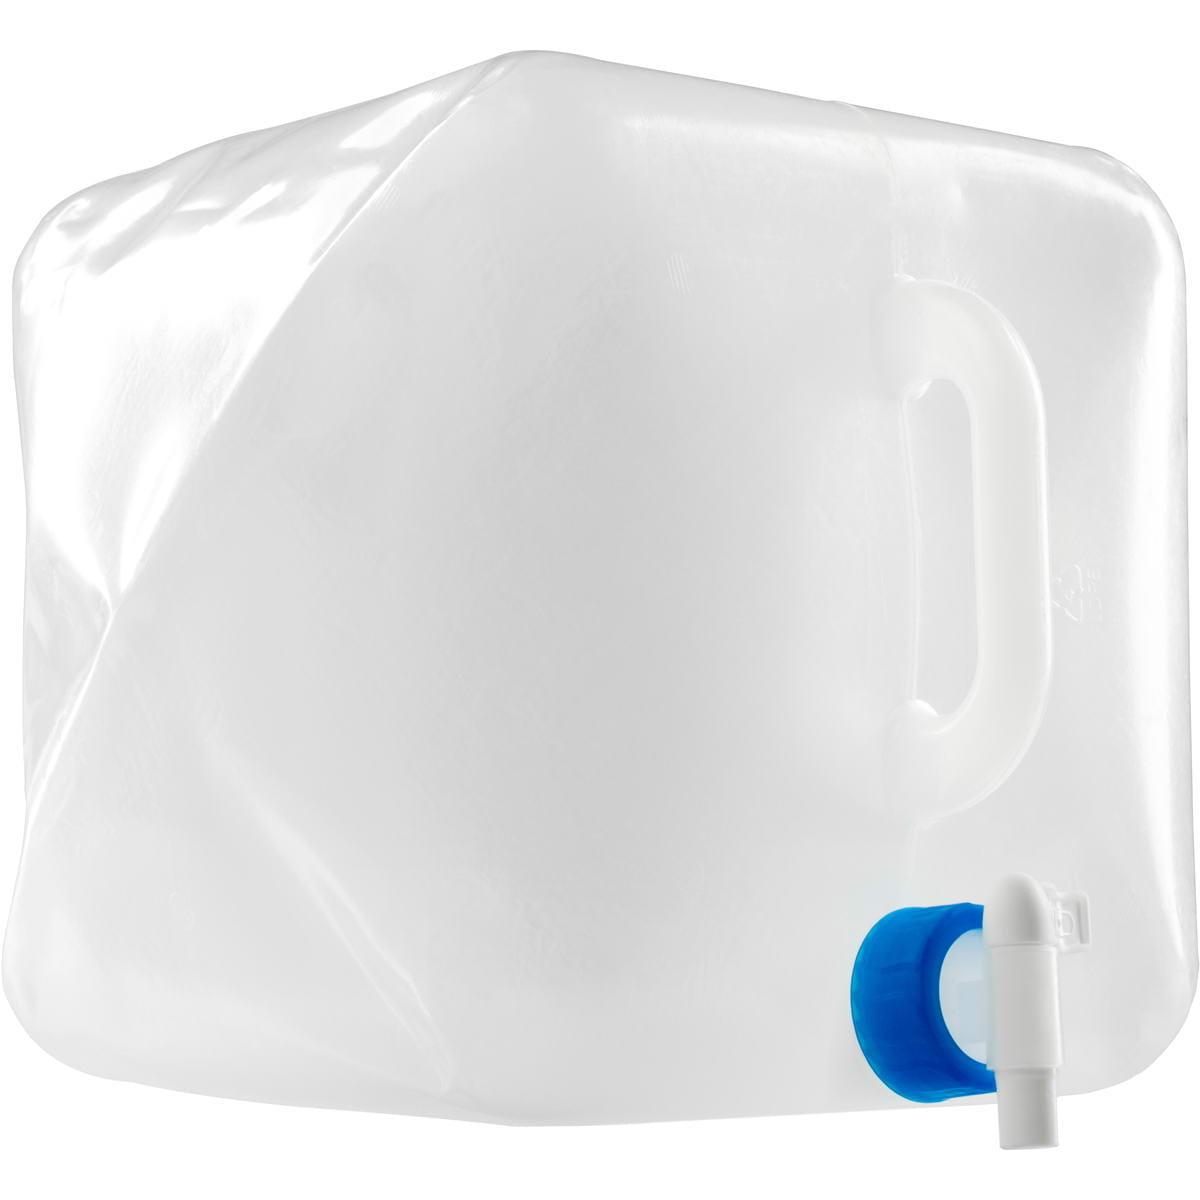 GSI 15 L Water Cube - Wasserkanister - Bild 1